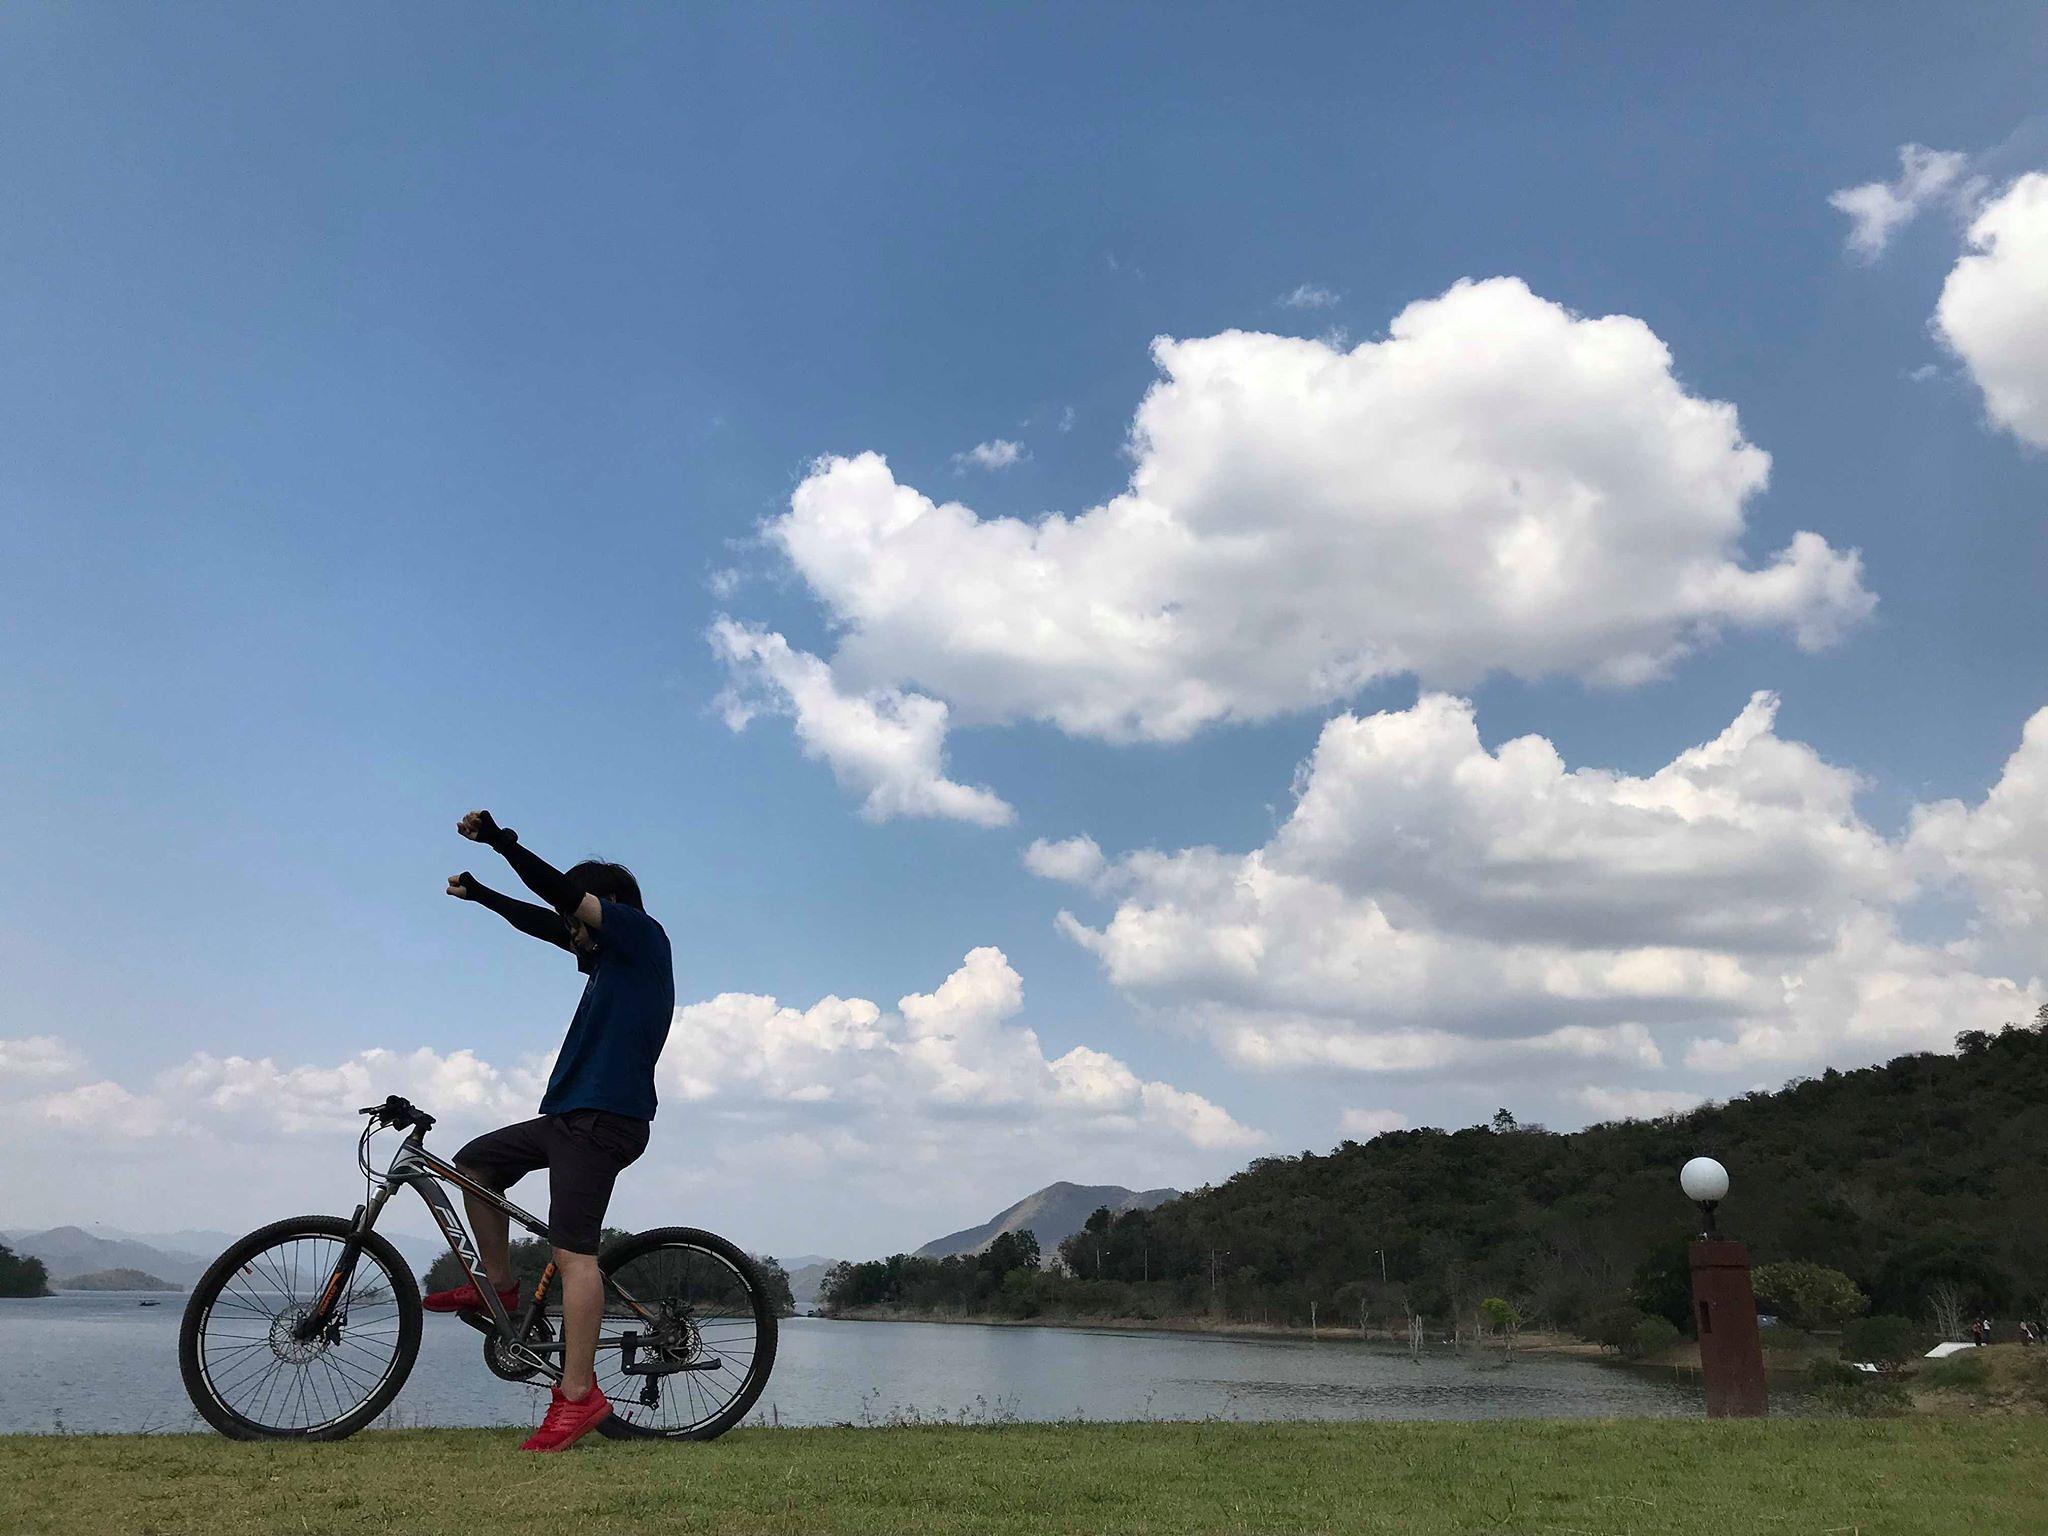 ทริป#2 หนีPM 2.5  ออกนอกเมืองหนีฝุ่น PM 2.5 เข้าป่าหาอากาศดีๆให้ปอดกันดีกว่า